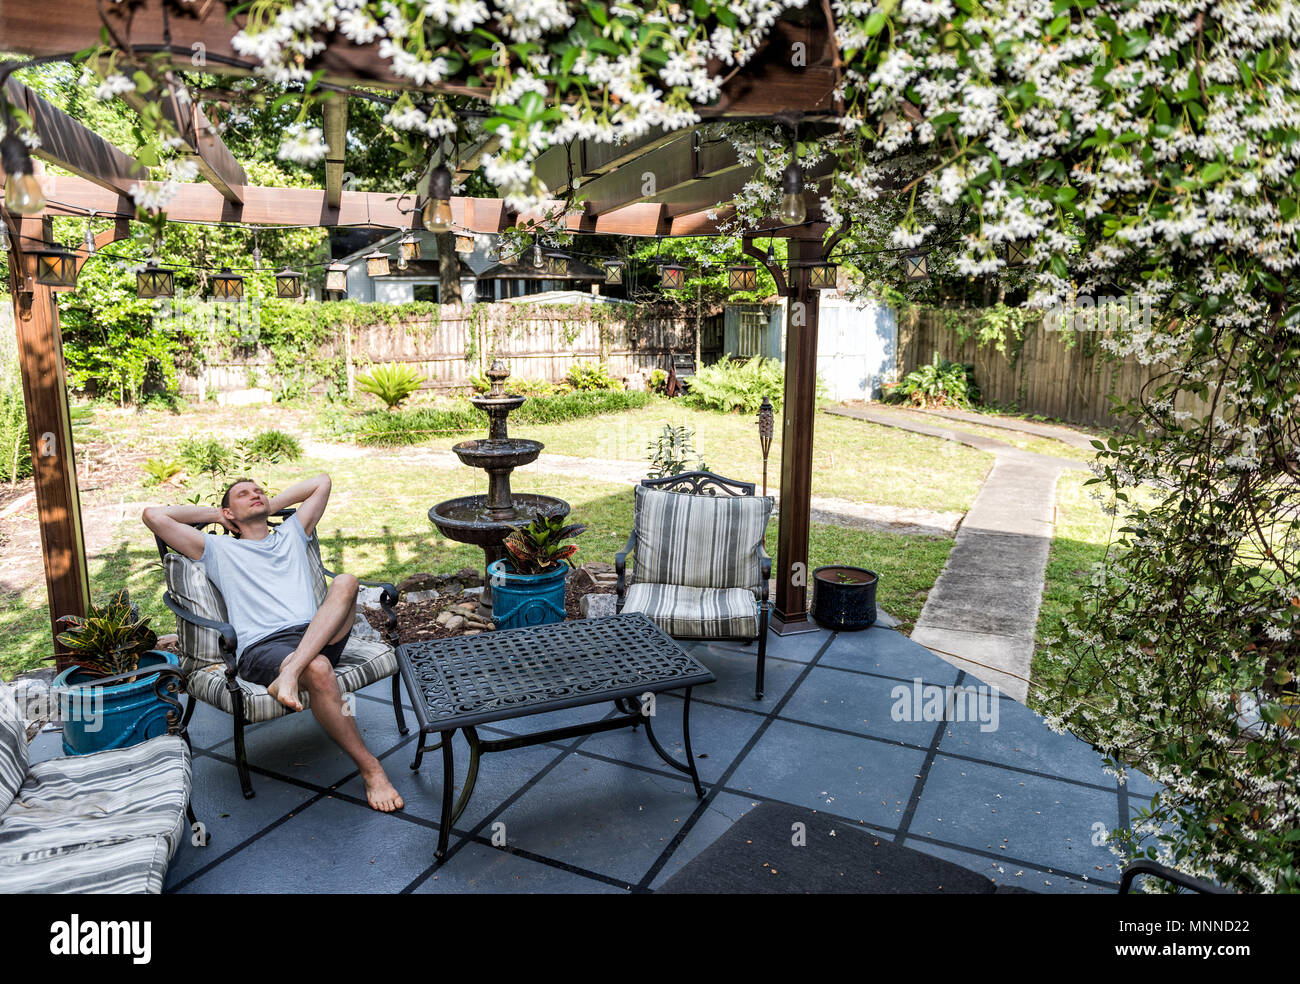 Junger Mann liegend auf der Terrasse Lounge Chair in outdoor ...